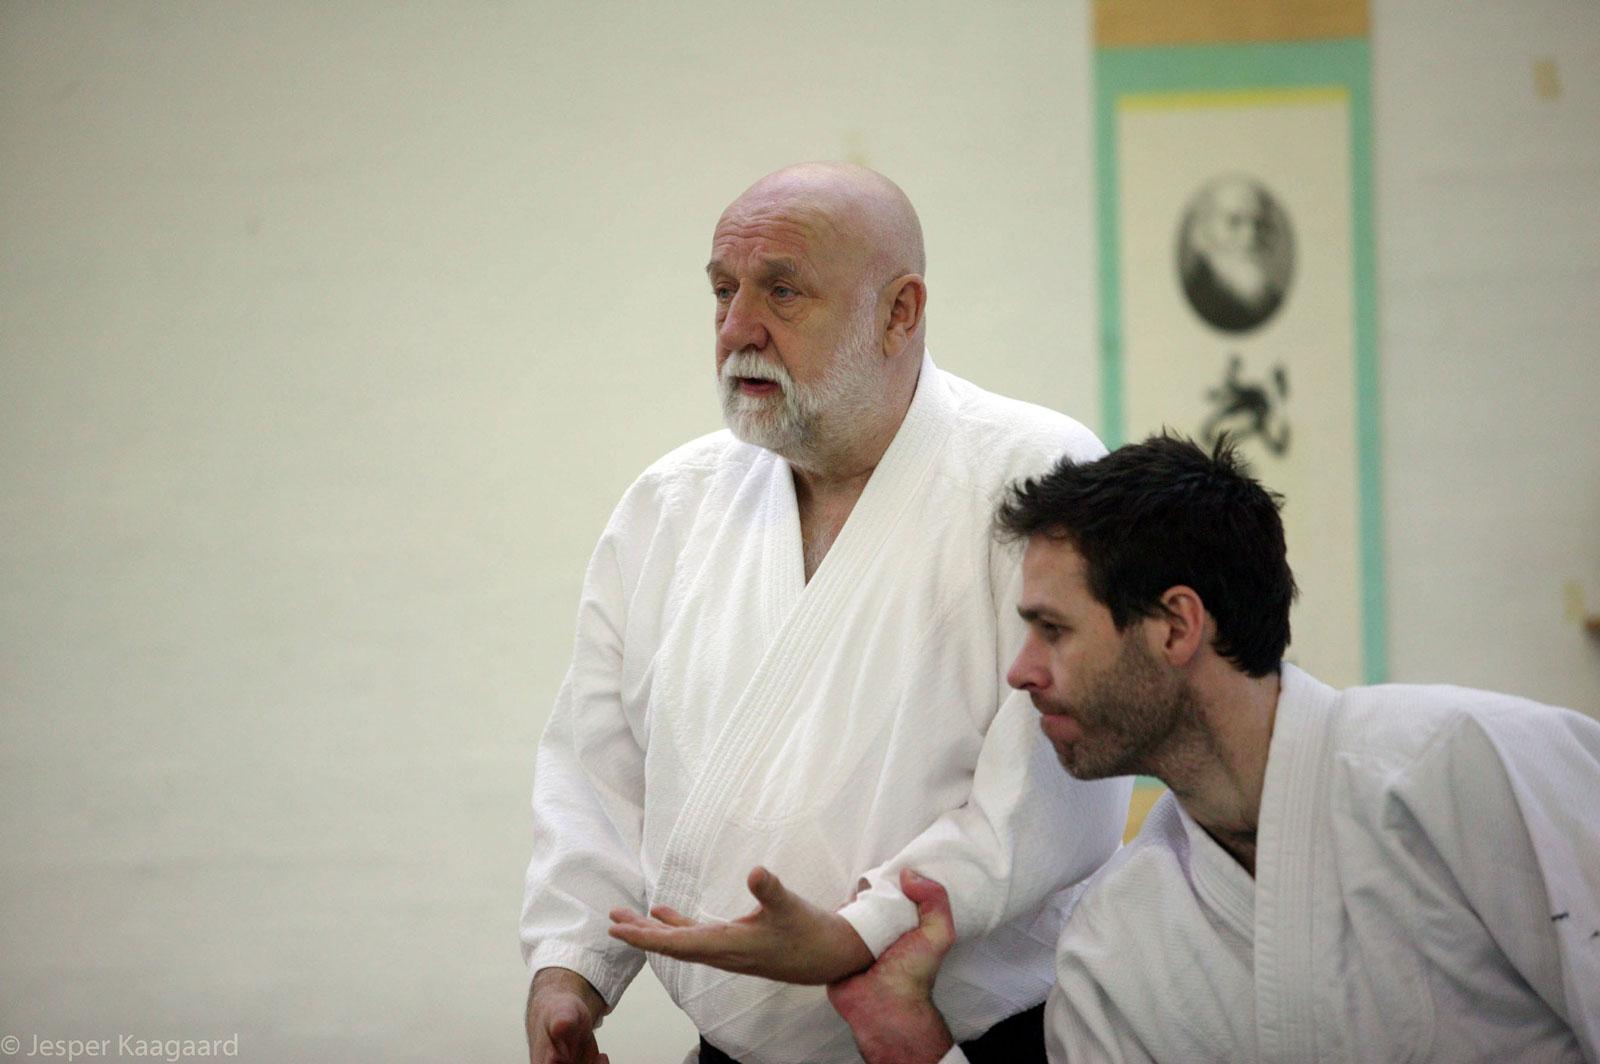 Aalborg-Aikido-seminar-2014-07